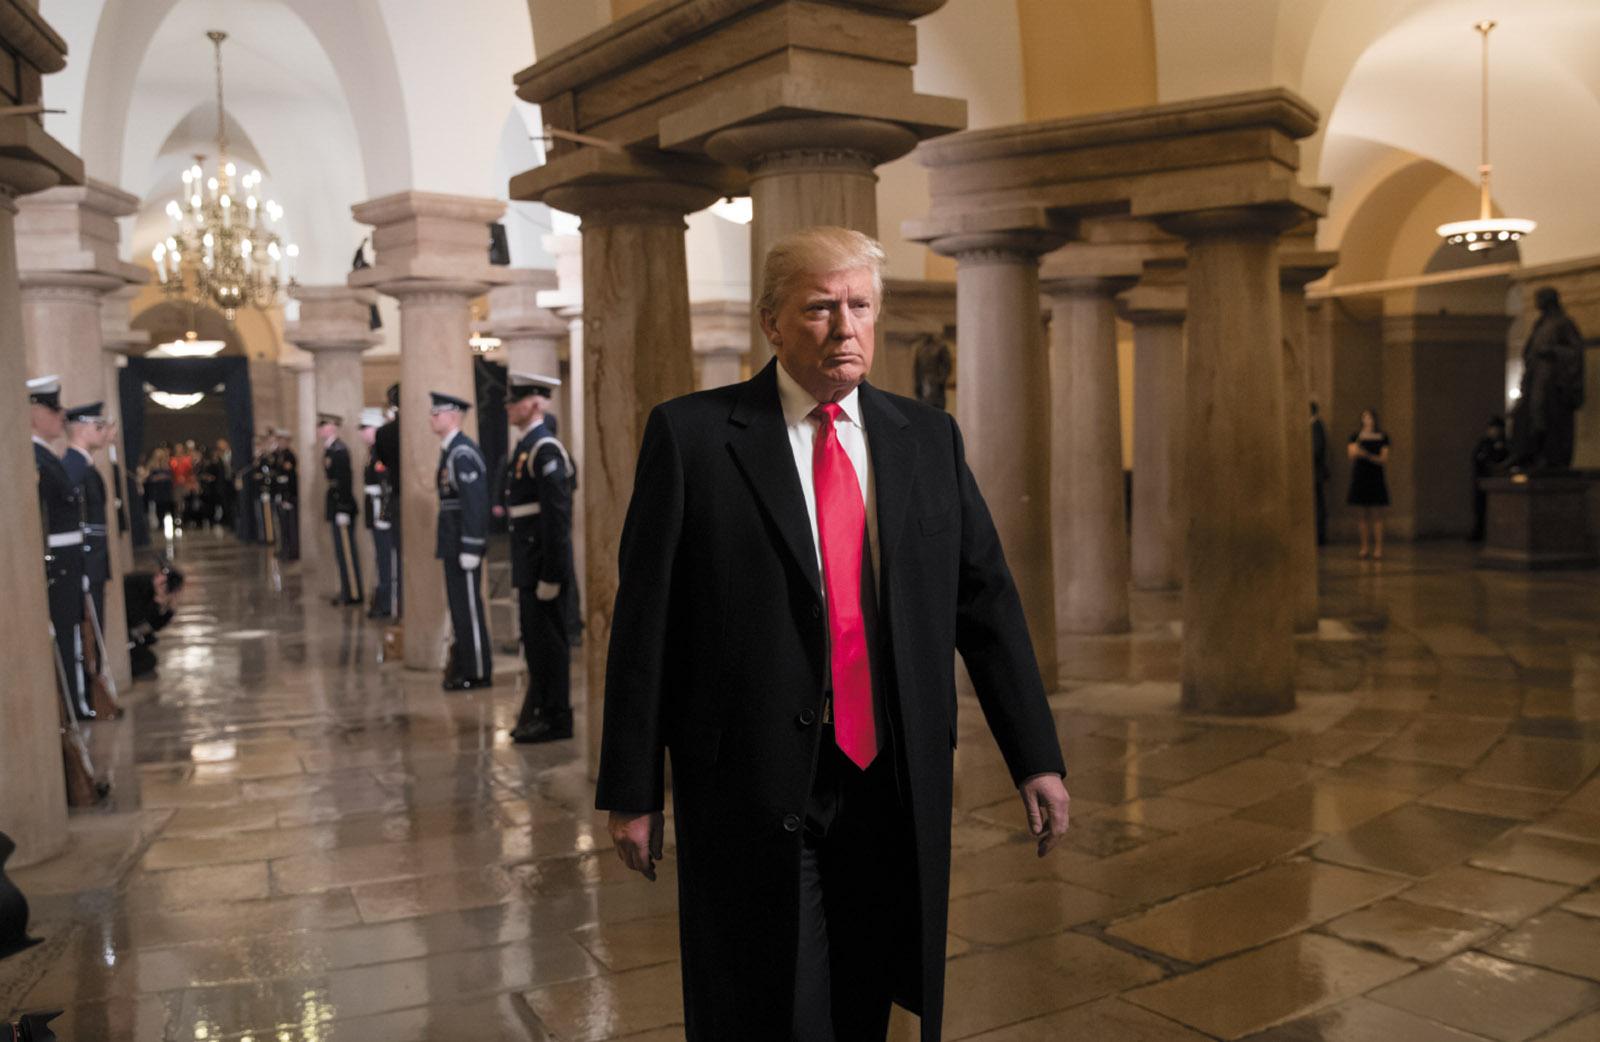 Scott Applewhite/Getty Images